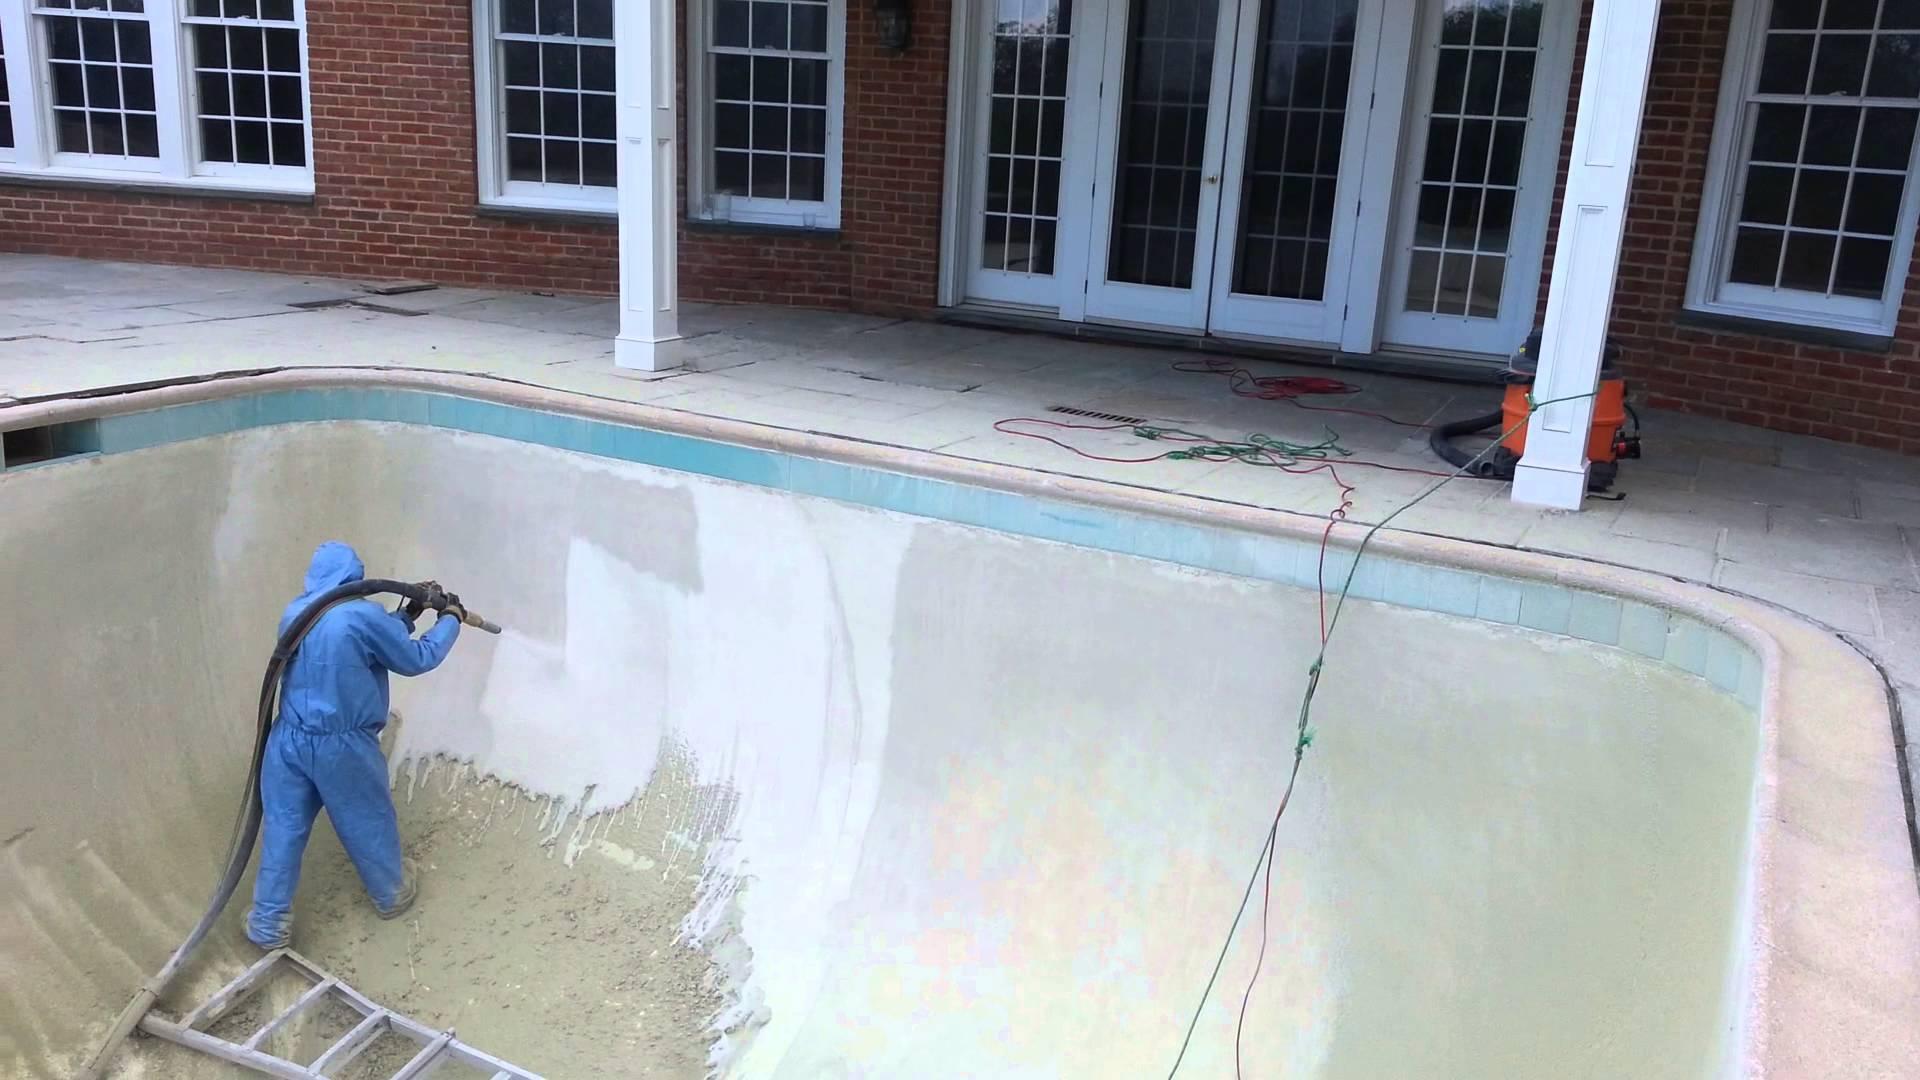 Swimming Pools & Decks - Sandblasting and Dustless Blasting off old plaster and pool decks.